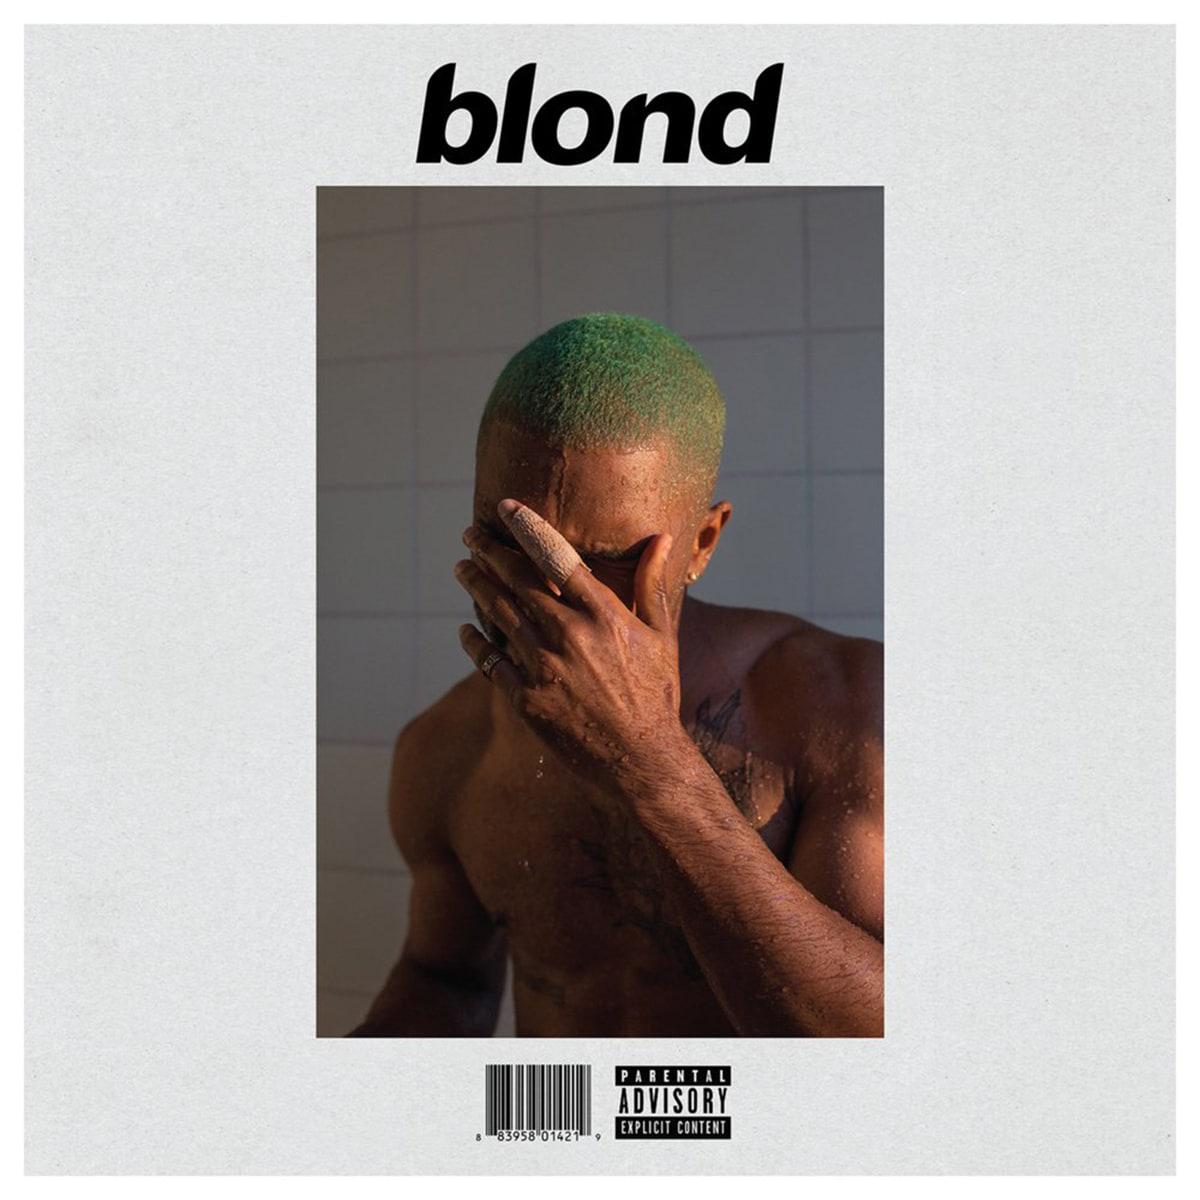 rs-frank-ocean-blonde-67426c4d-a3c3-4b9c-b918-38660e09ff03